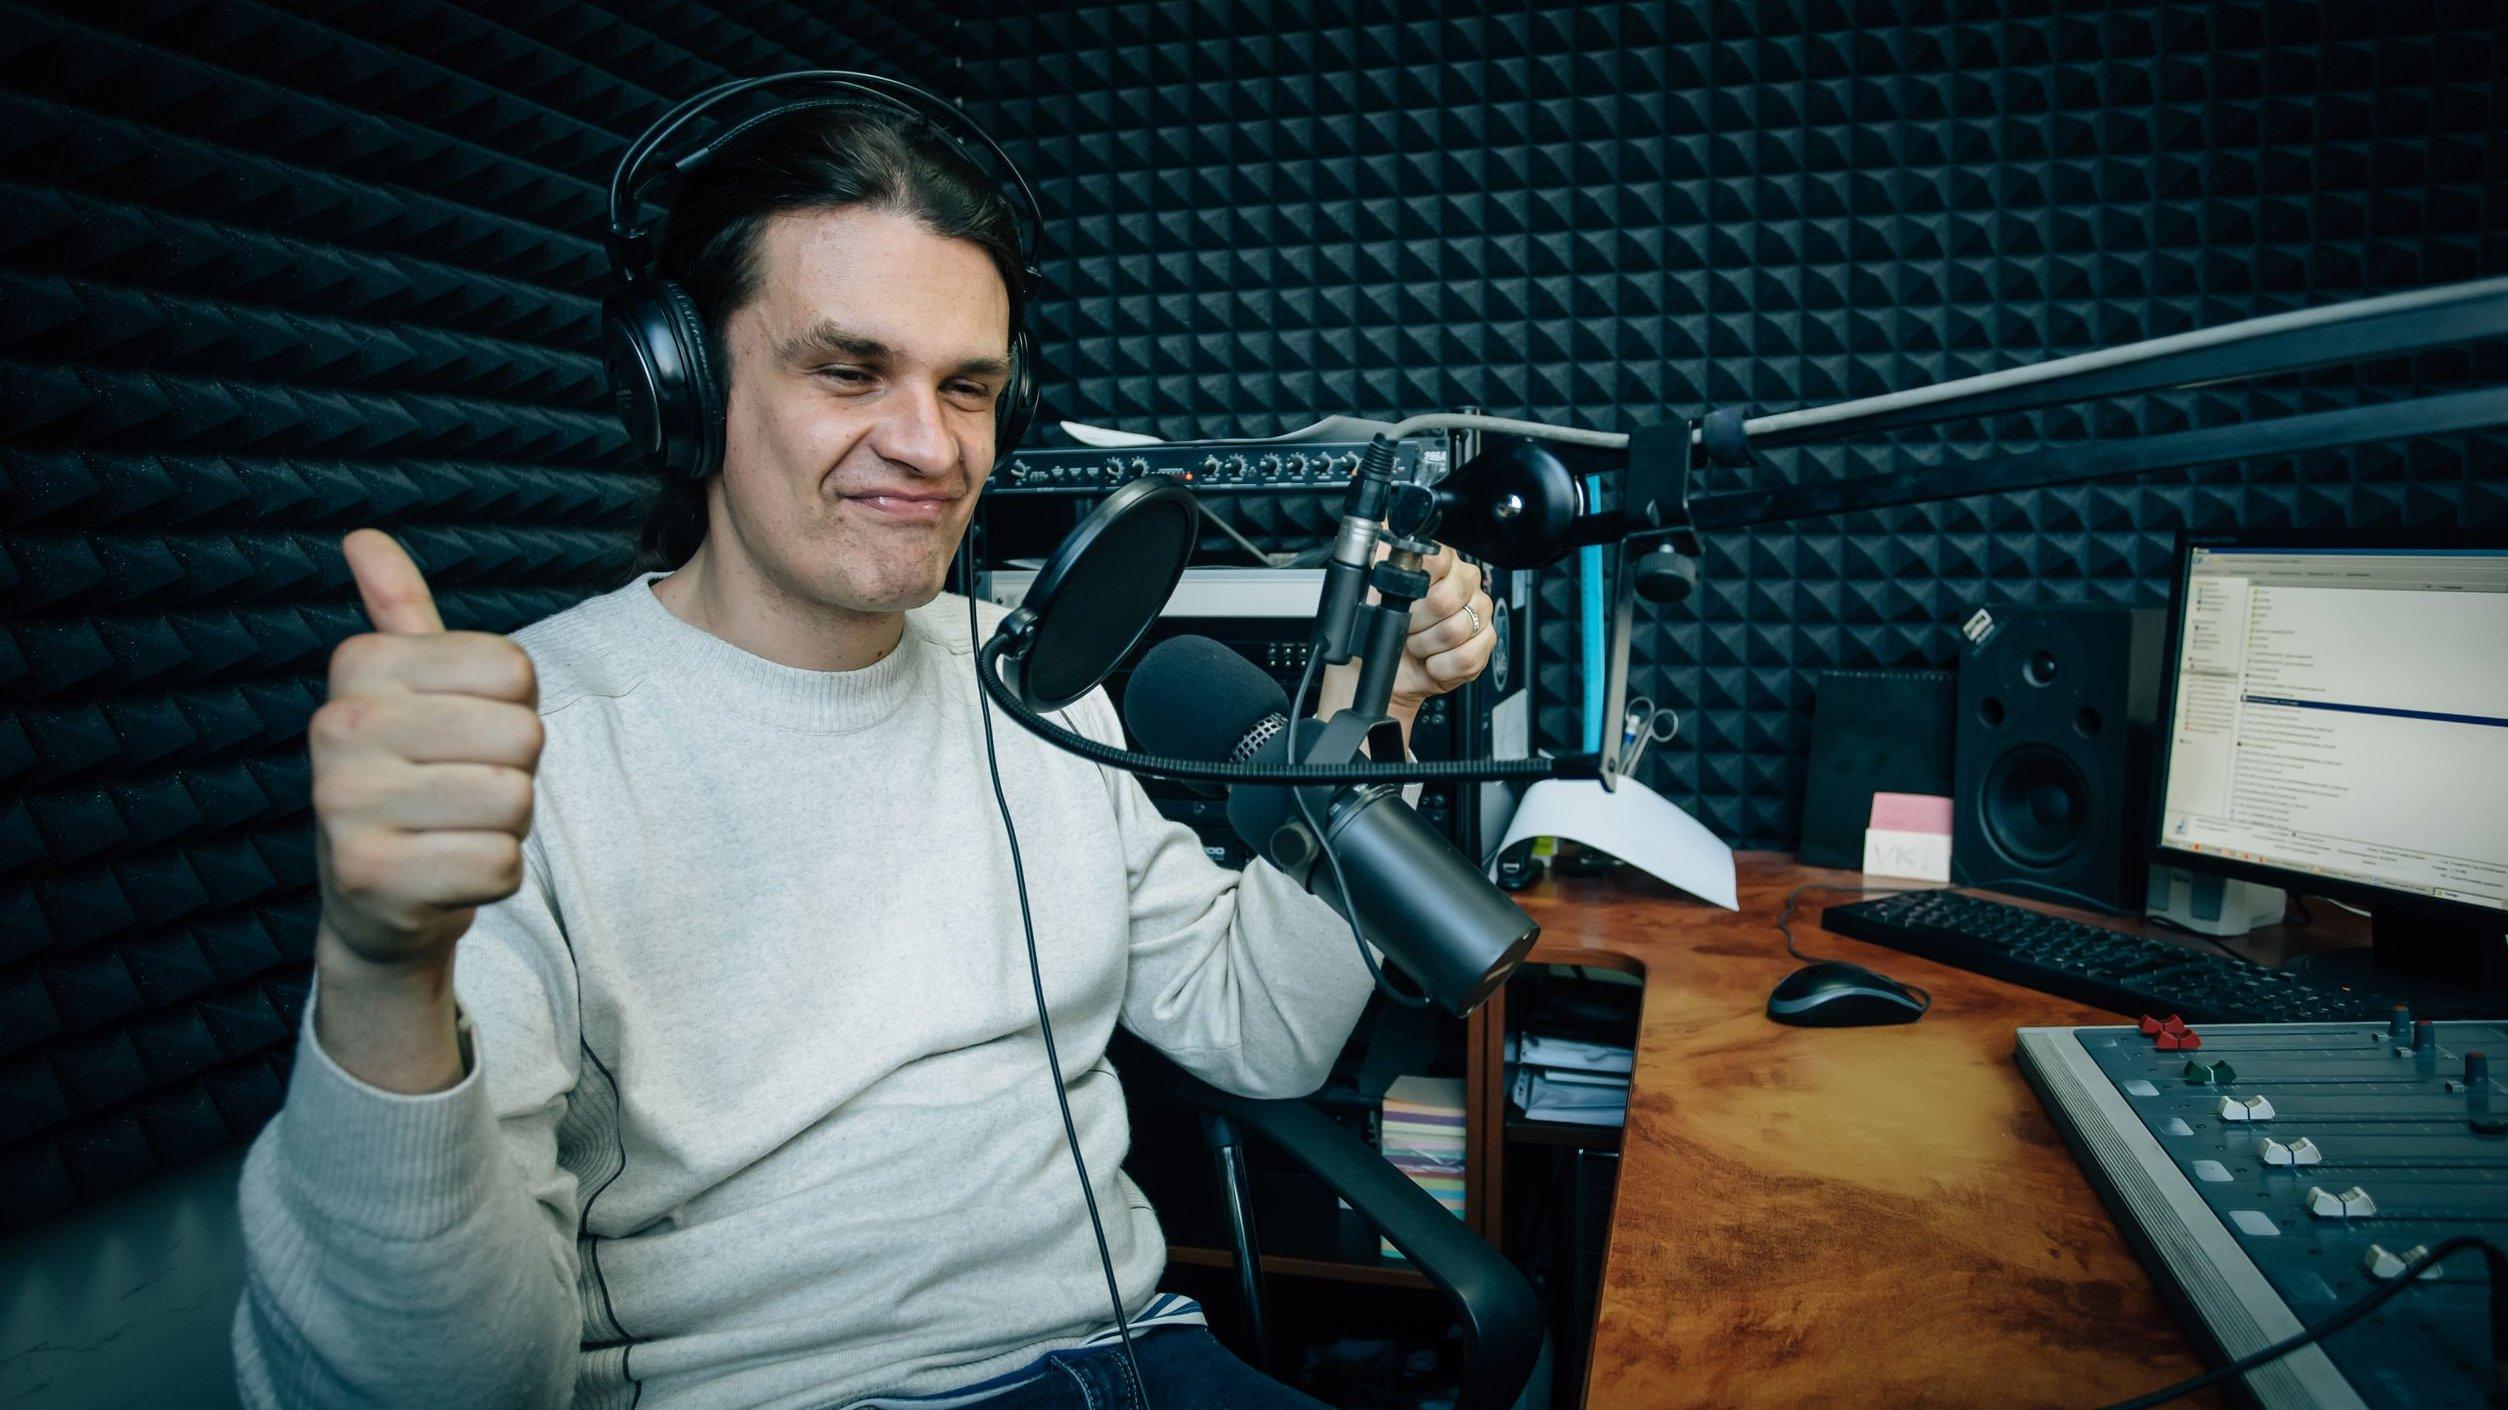 Homem branco com polegar levantado, usando fones de ouvidos e elementos eletrônicos.